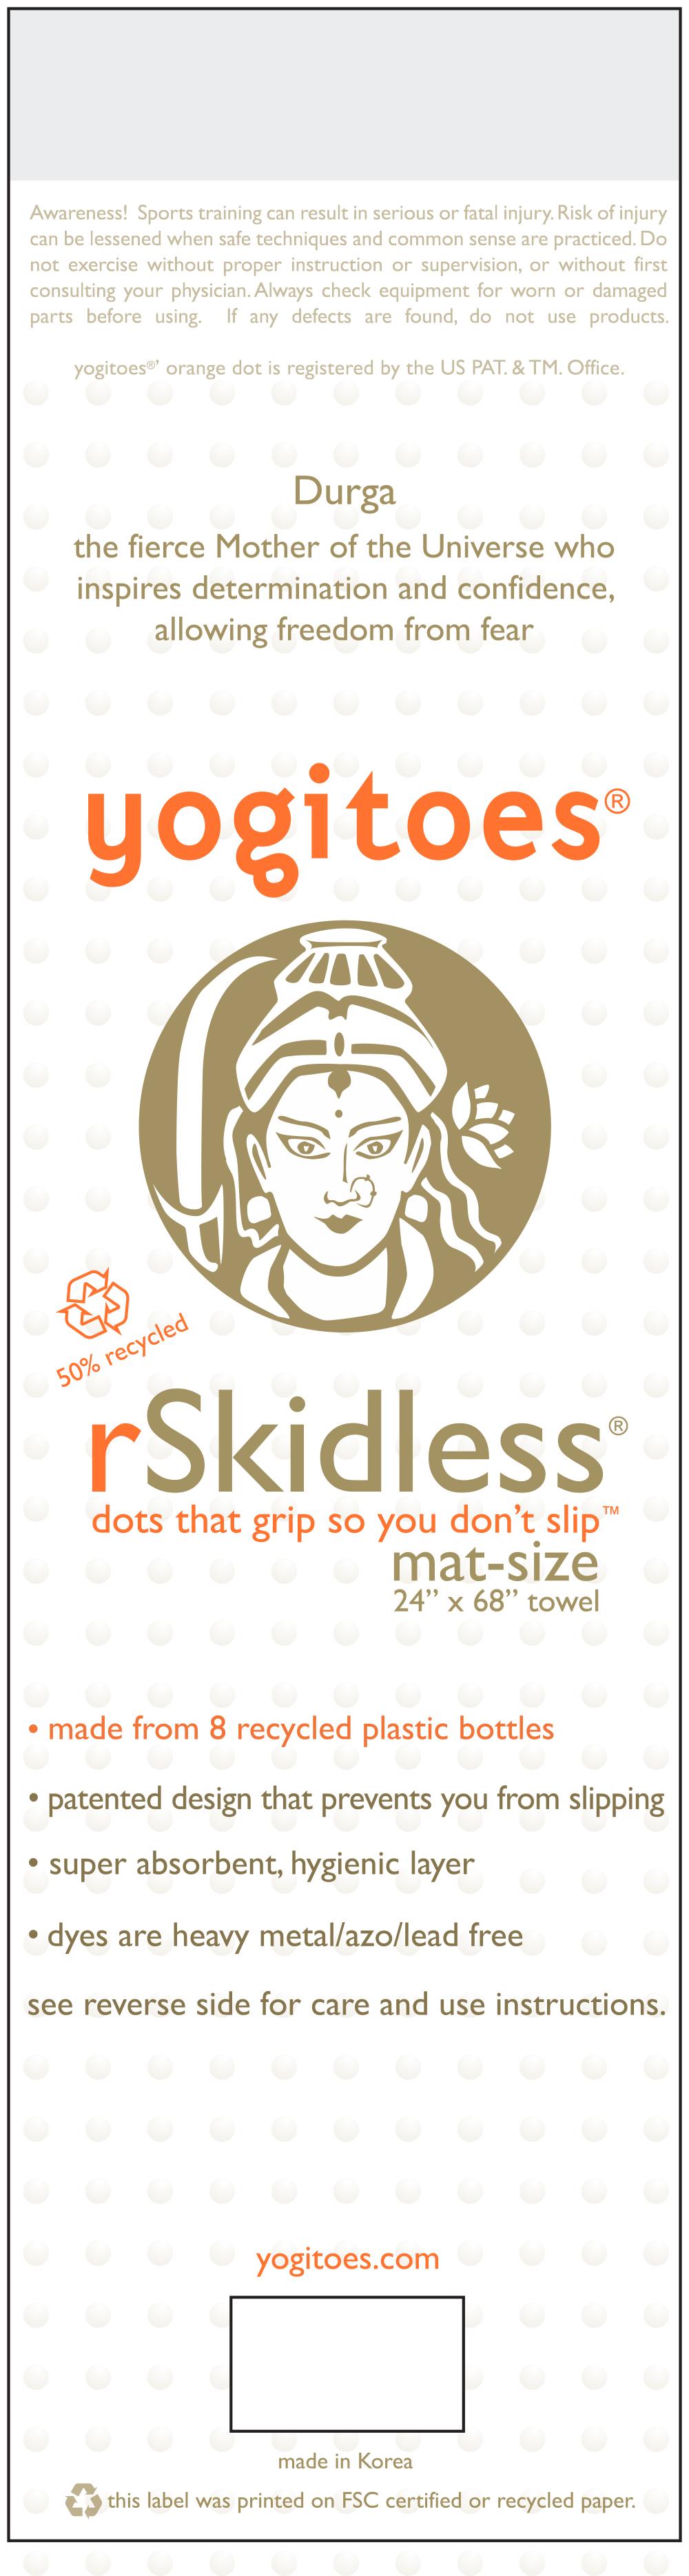 rSkidless Durga_expanded_7-17-12.jpg